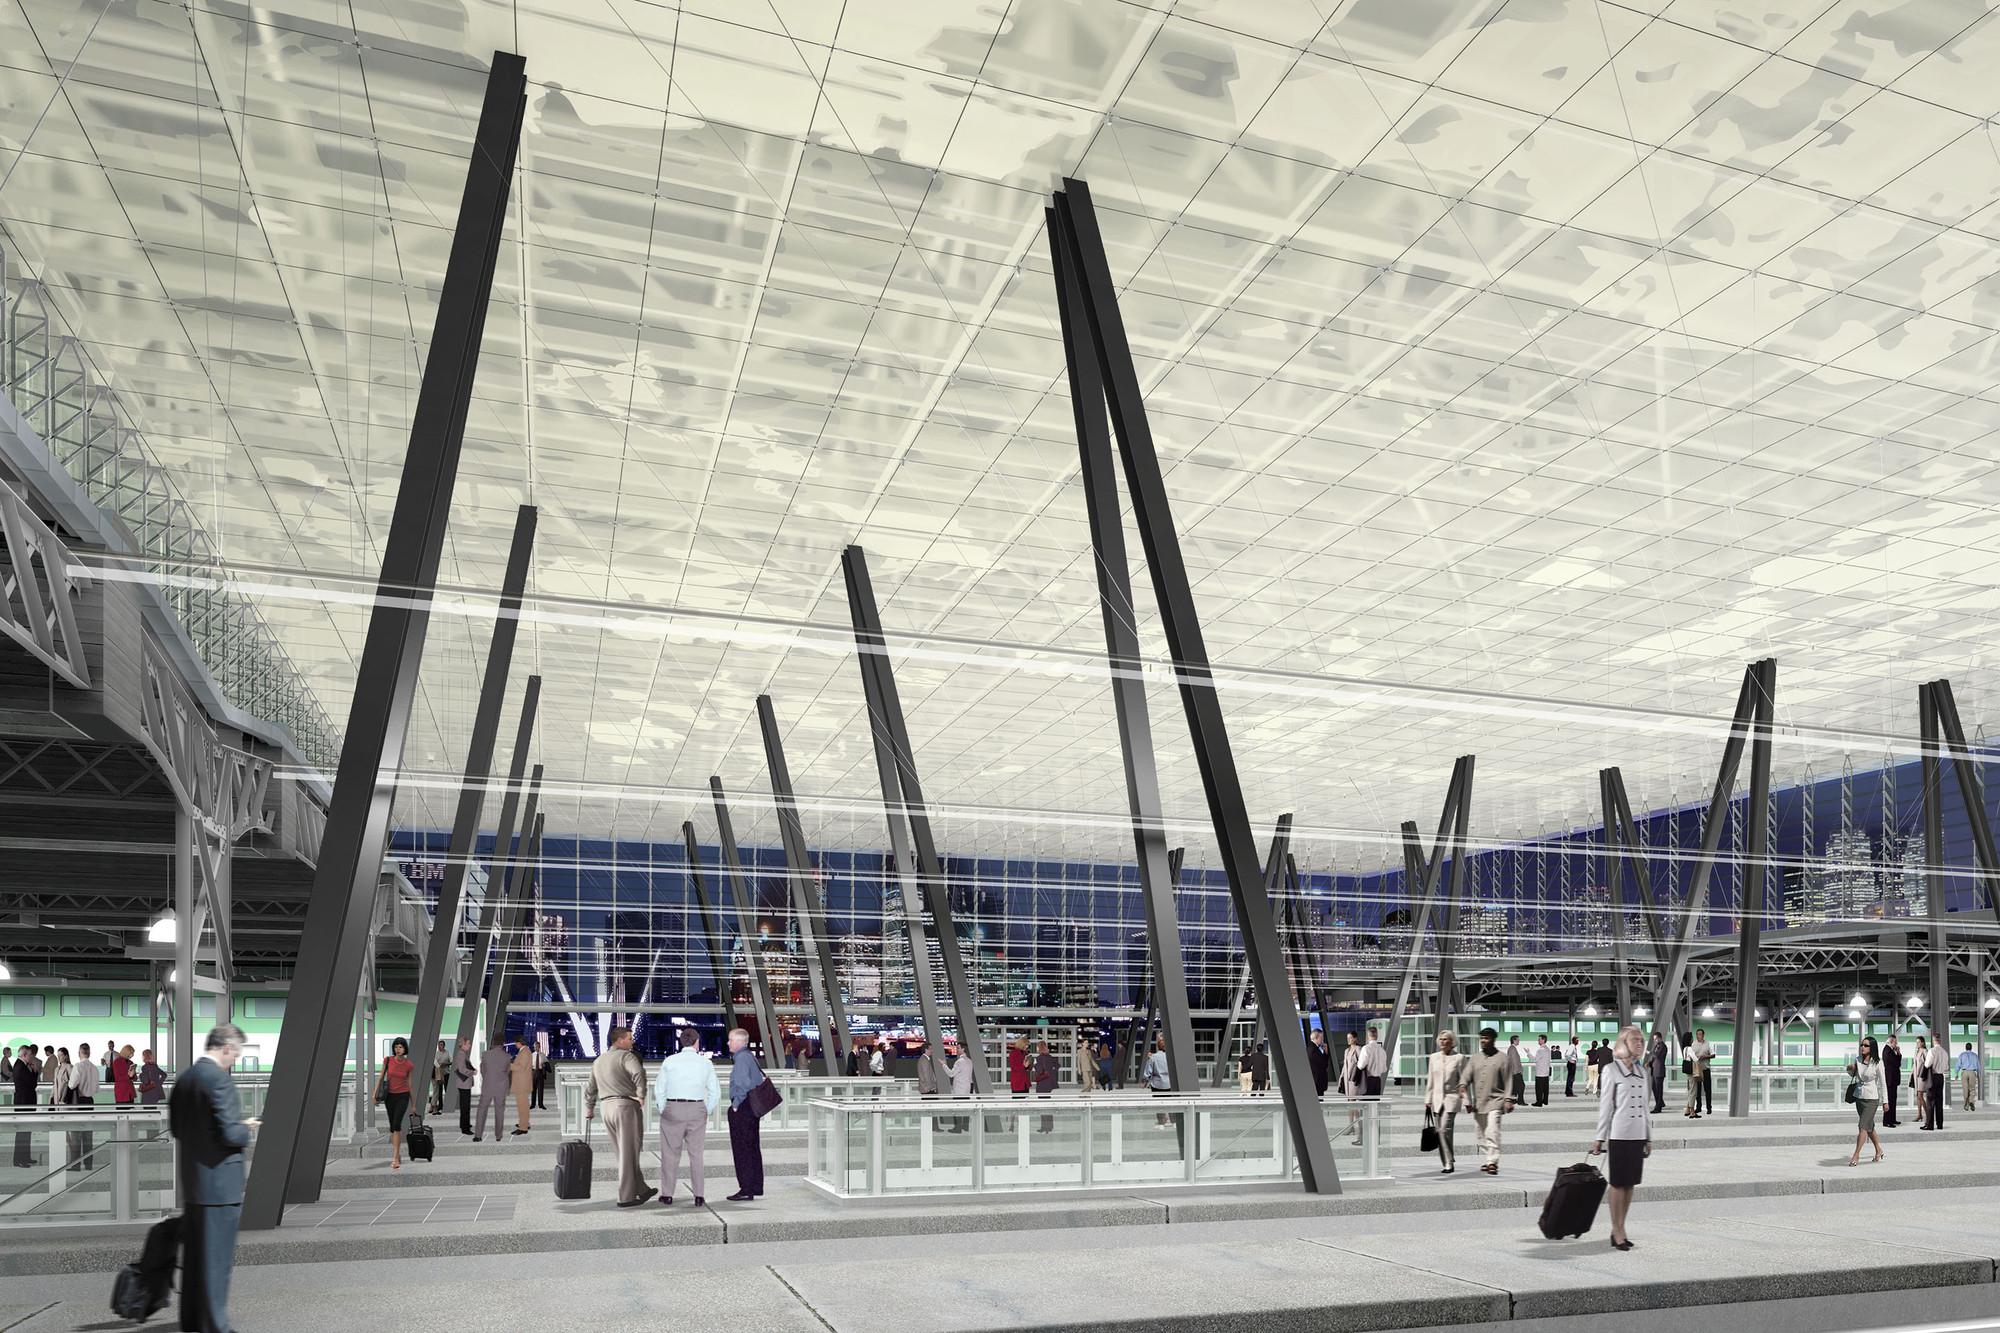 Toronto Union Station: Go Transit Roof Proposal / Zeidler Partnership Architects, Courtesy of Zeidler Partnership Architects